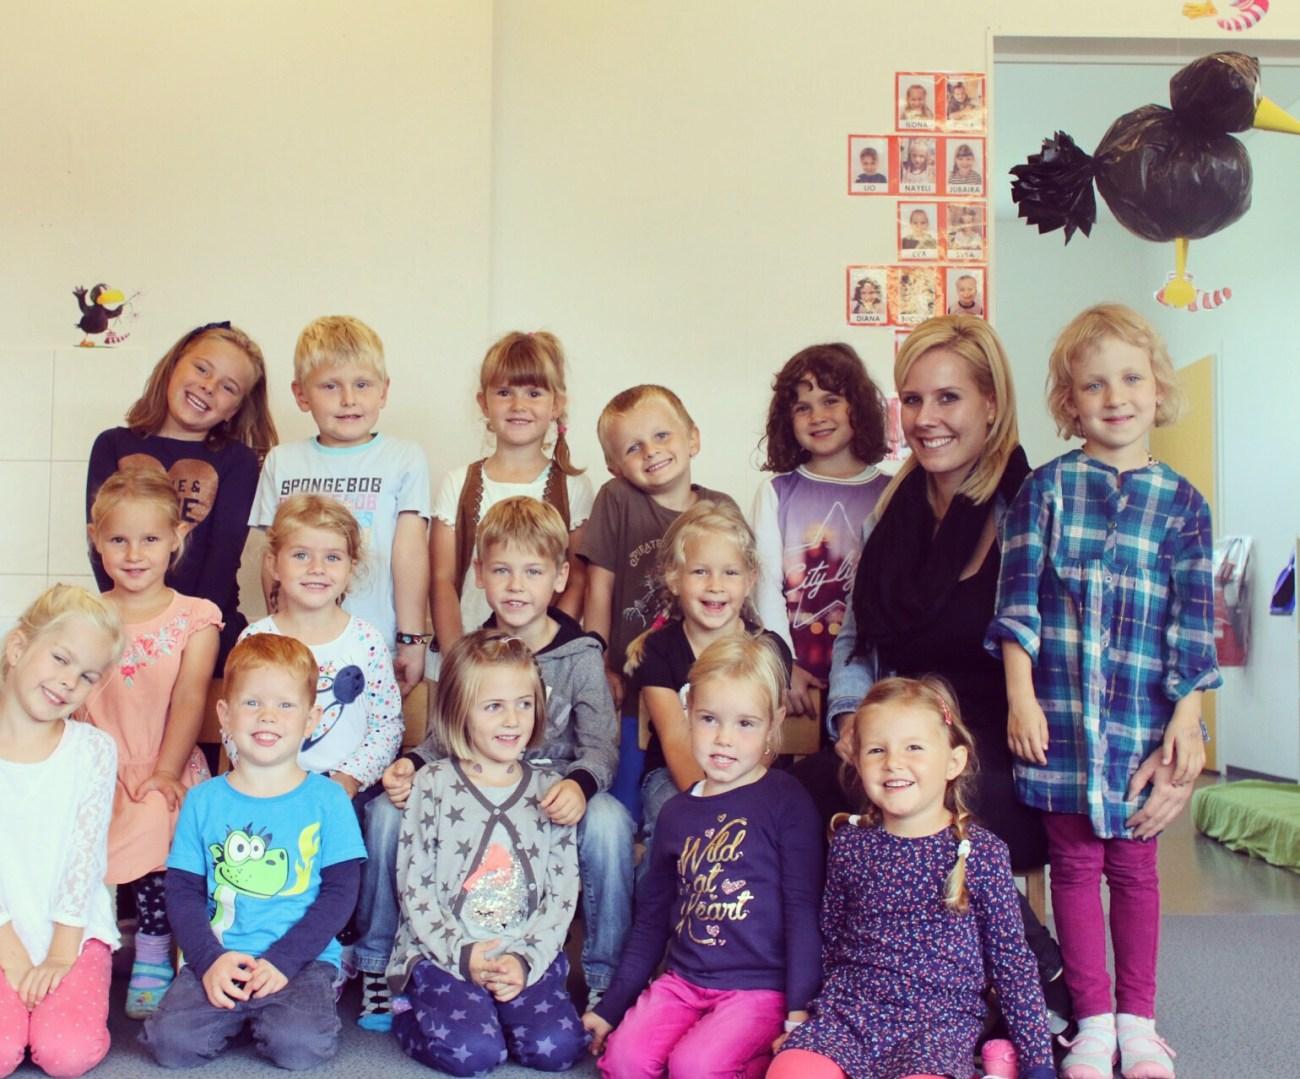 Ik fotografeerde dinsdag terwijl Liza op de Spielgruppe op Eva's school. Leuke opdracht! Dit is trouwens Eva's klas